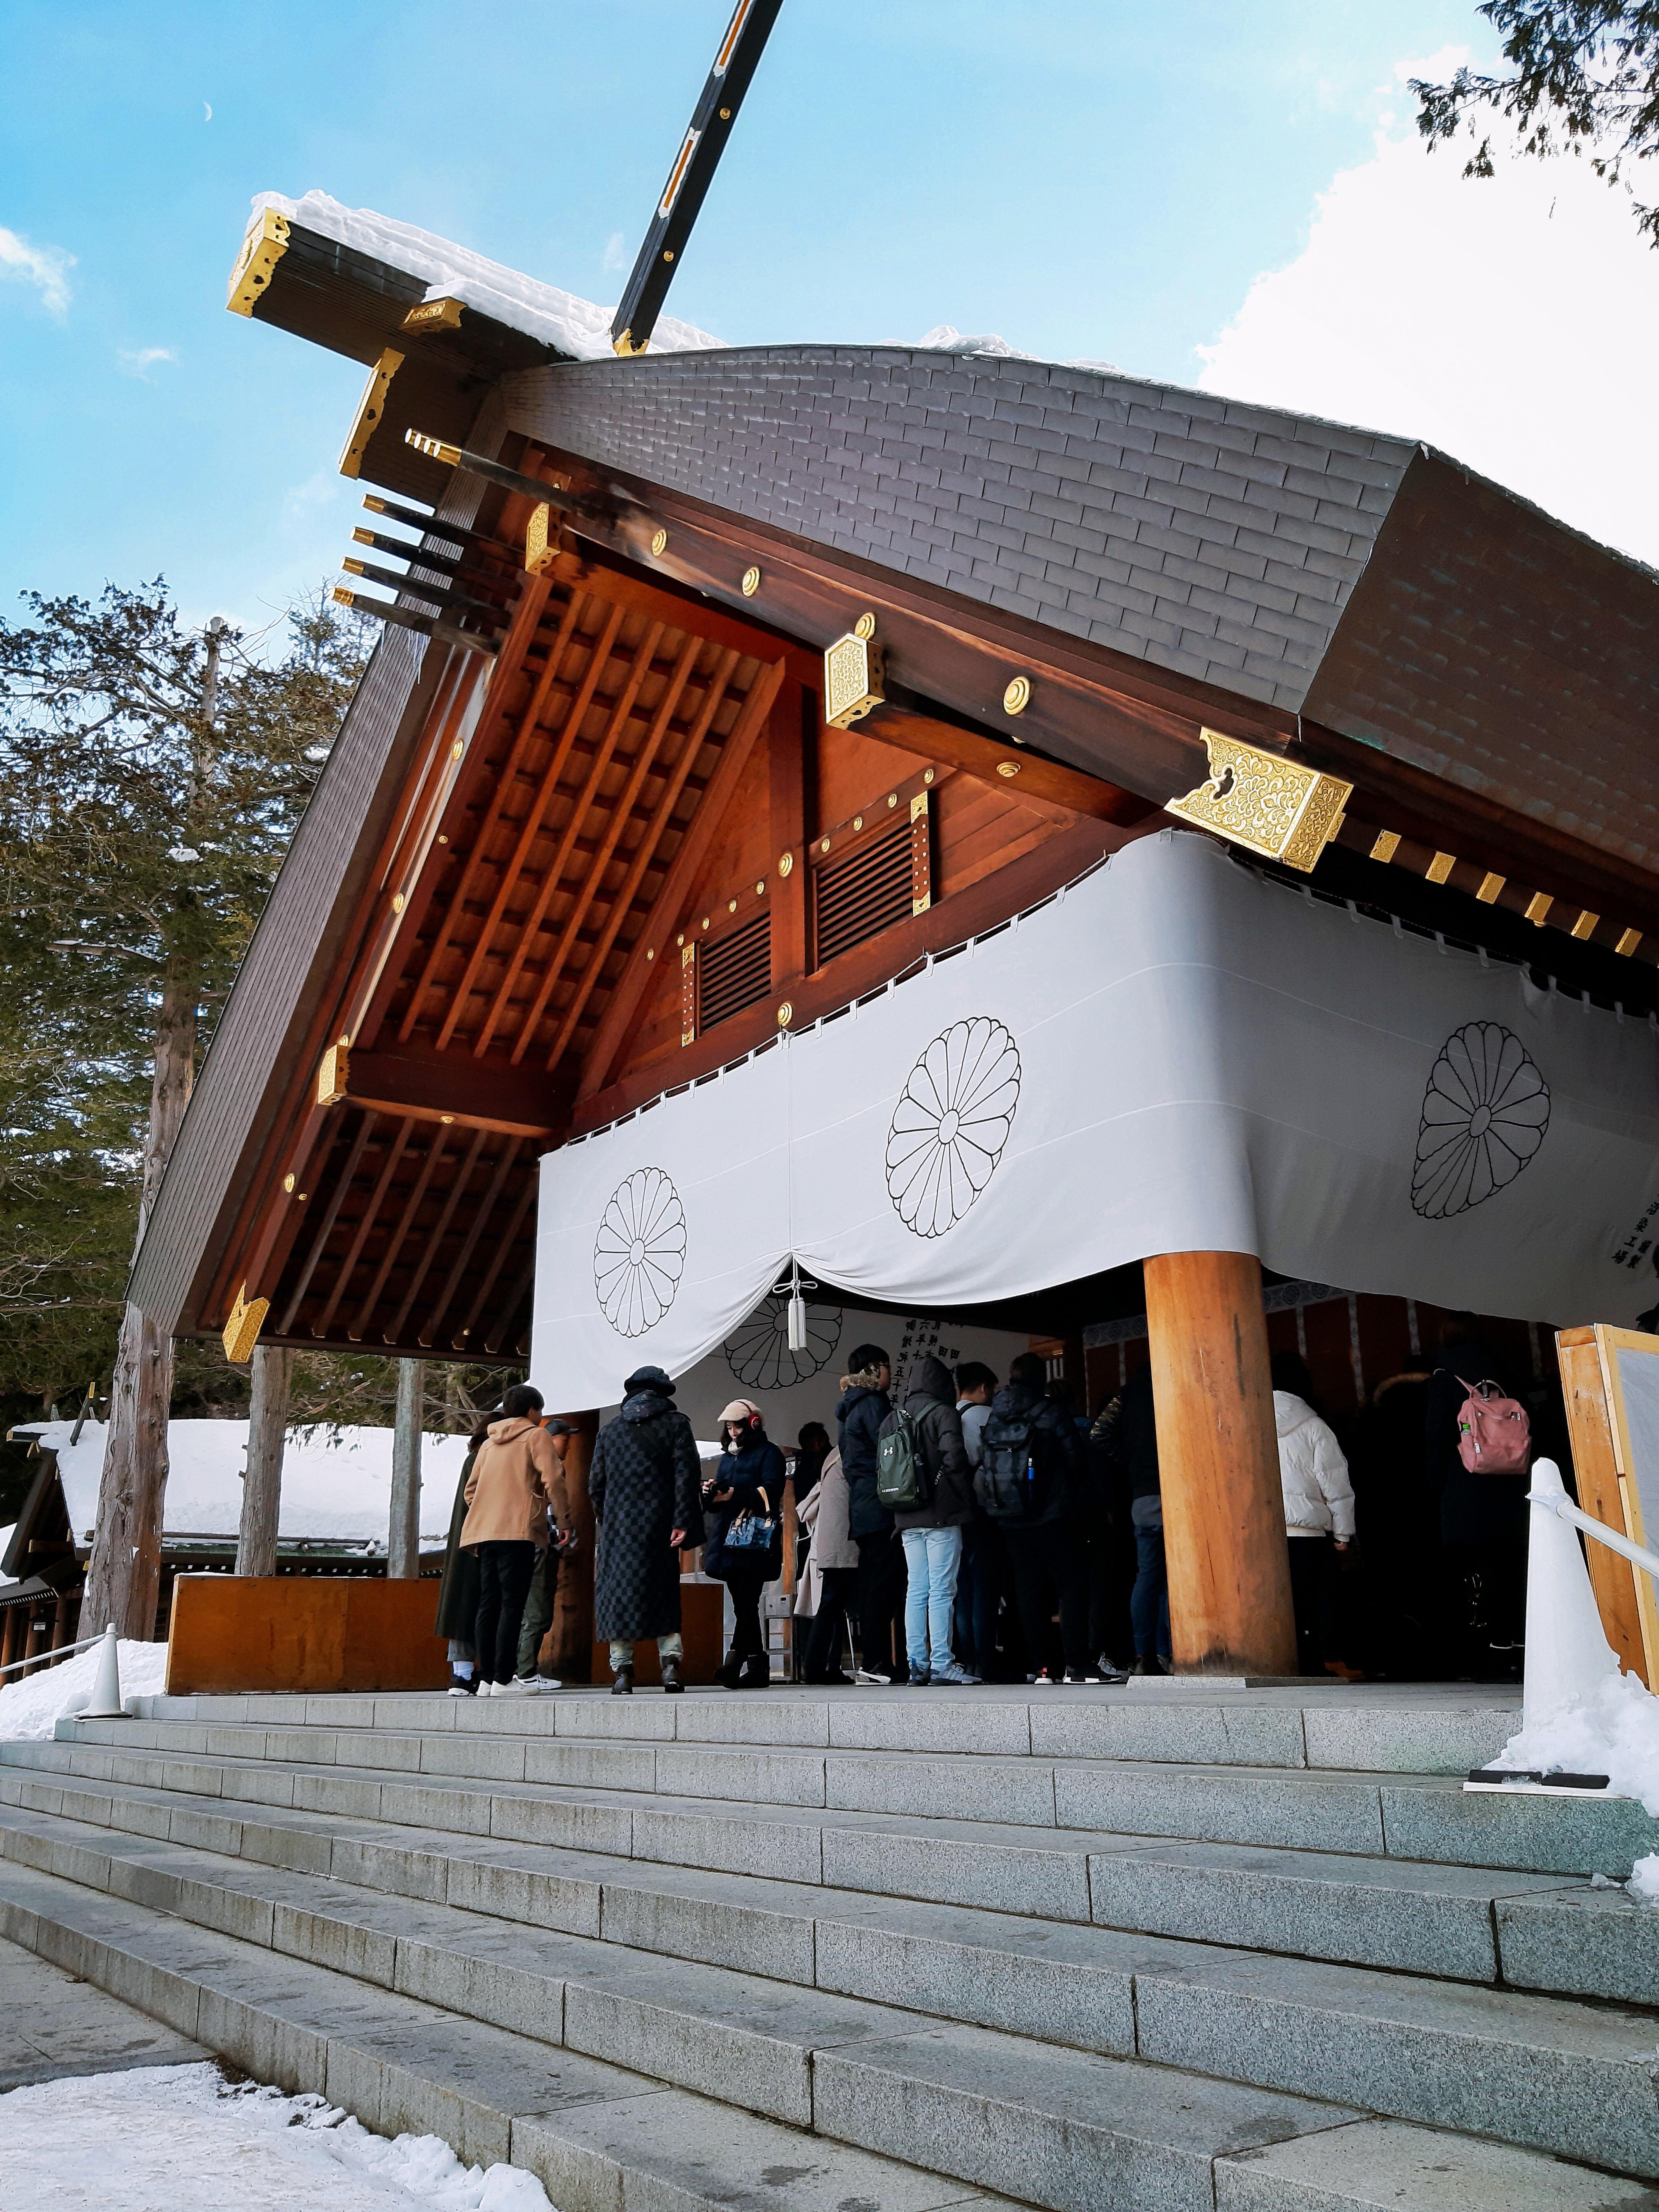 2019北海道(4)-自助遊x北海道神宮x一日散策之胡鬧的情侶檔